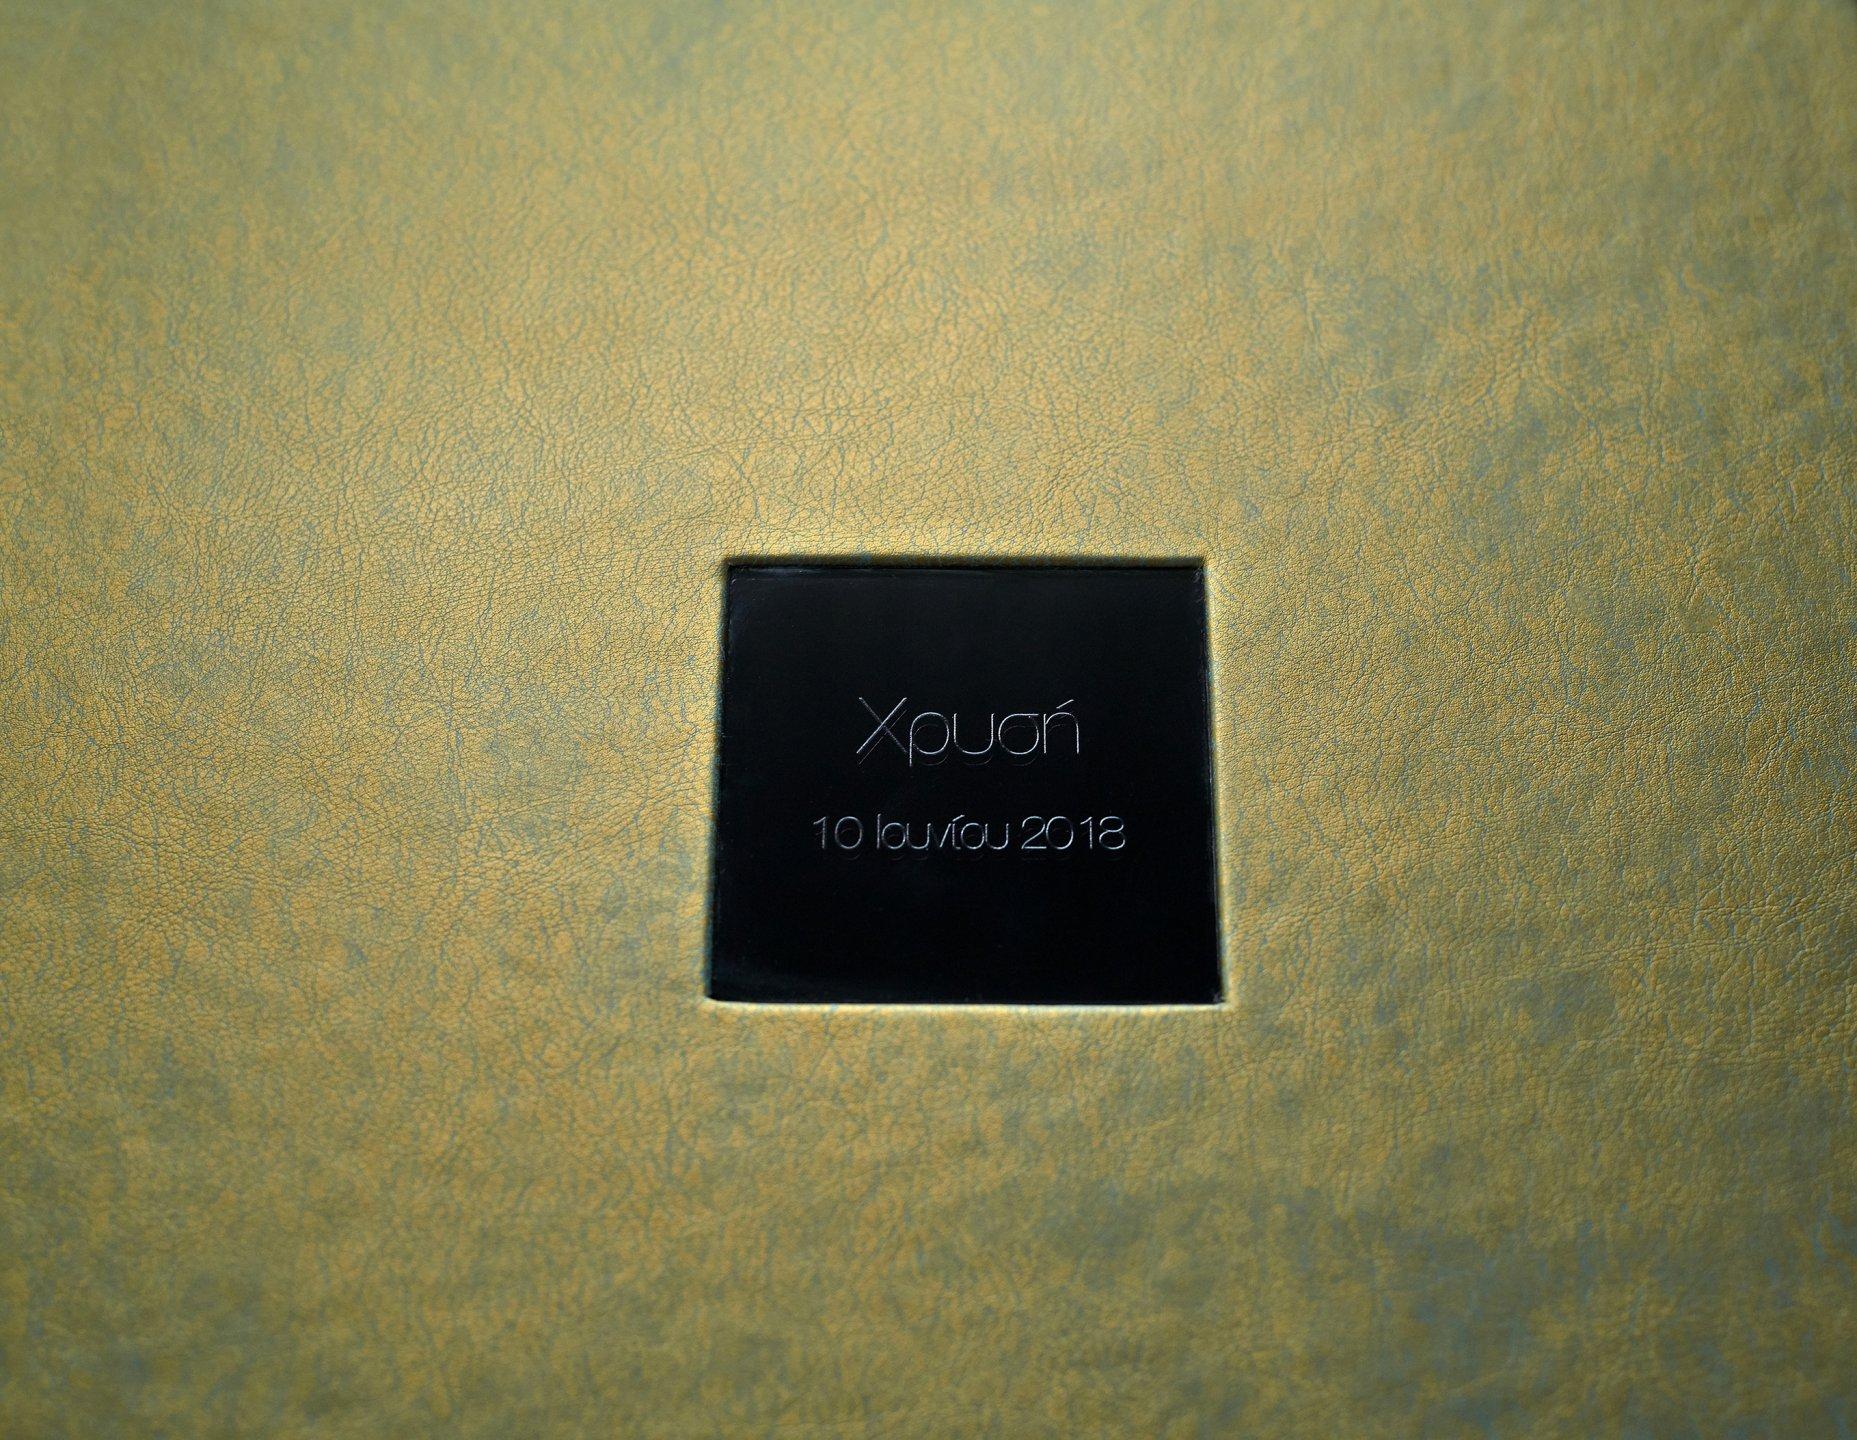 JOO_5512tuned web.jpg